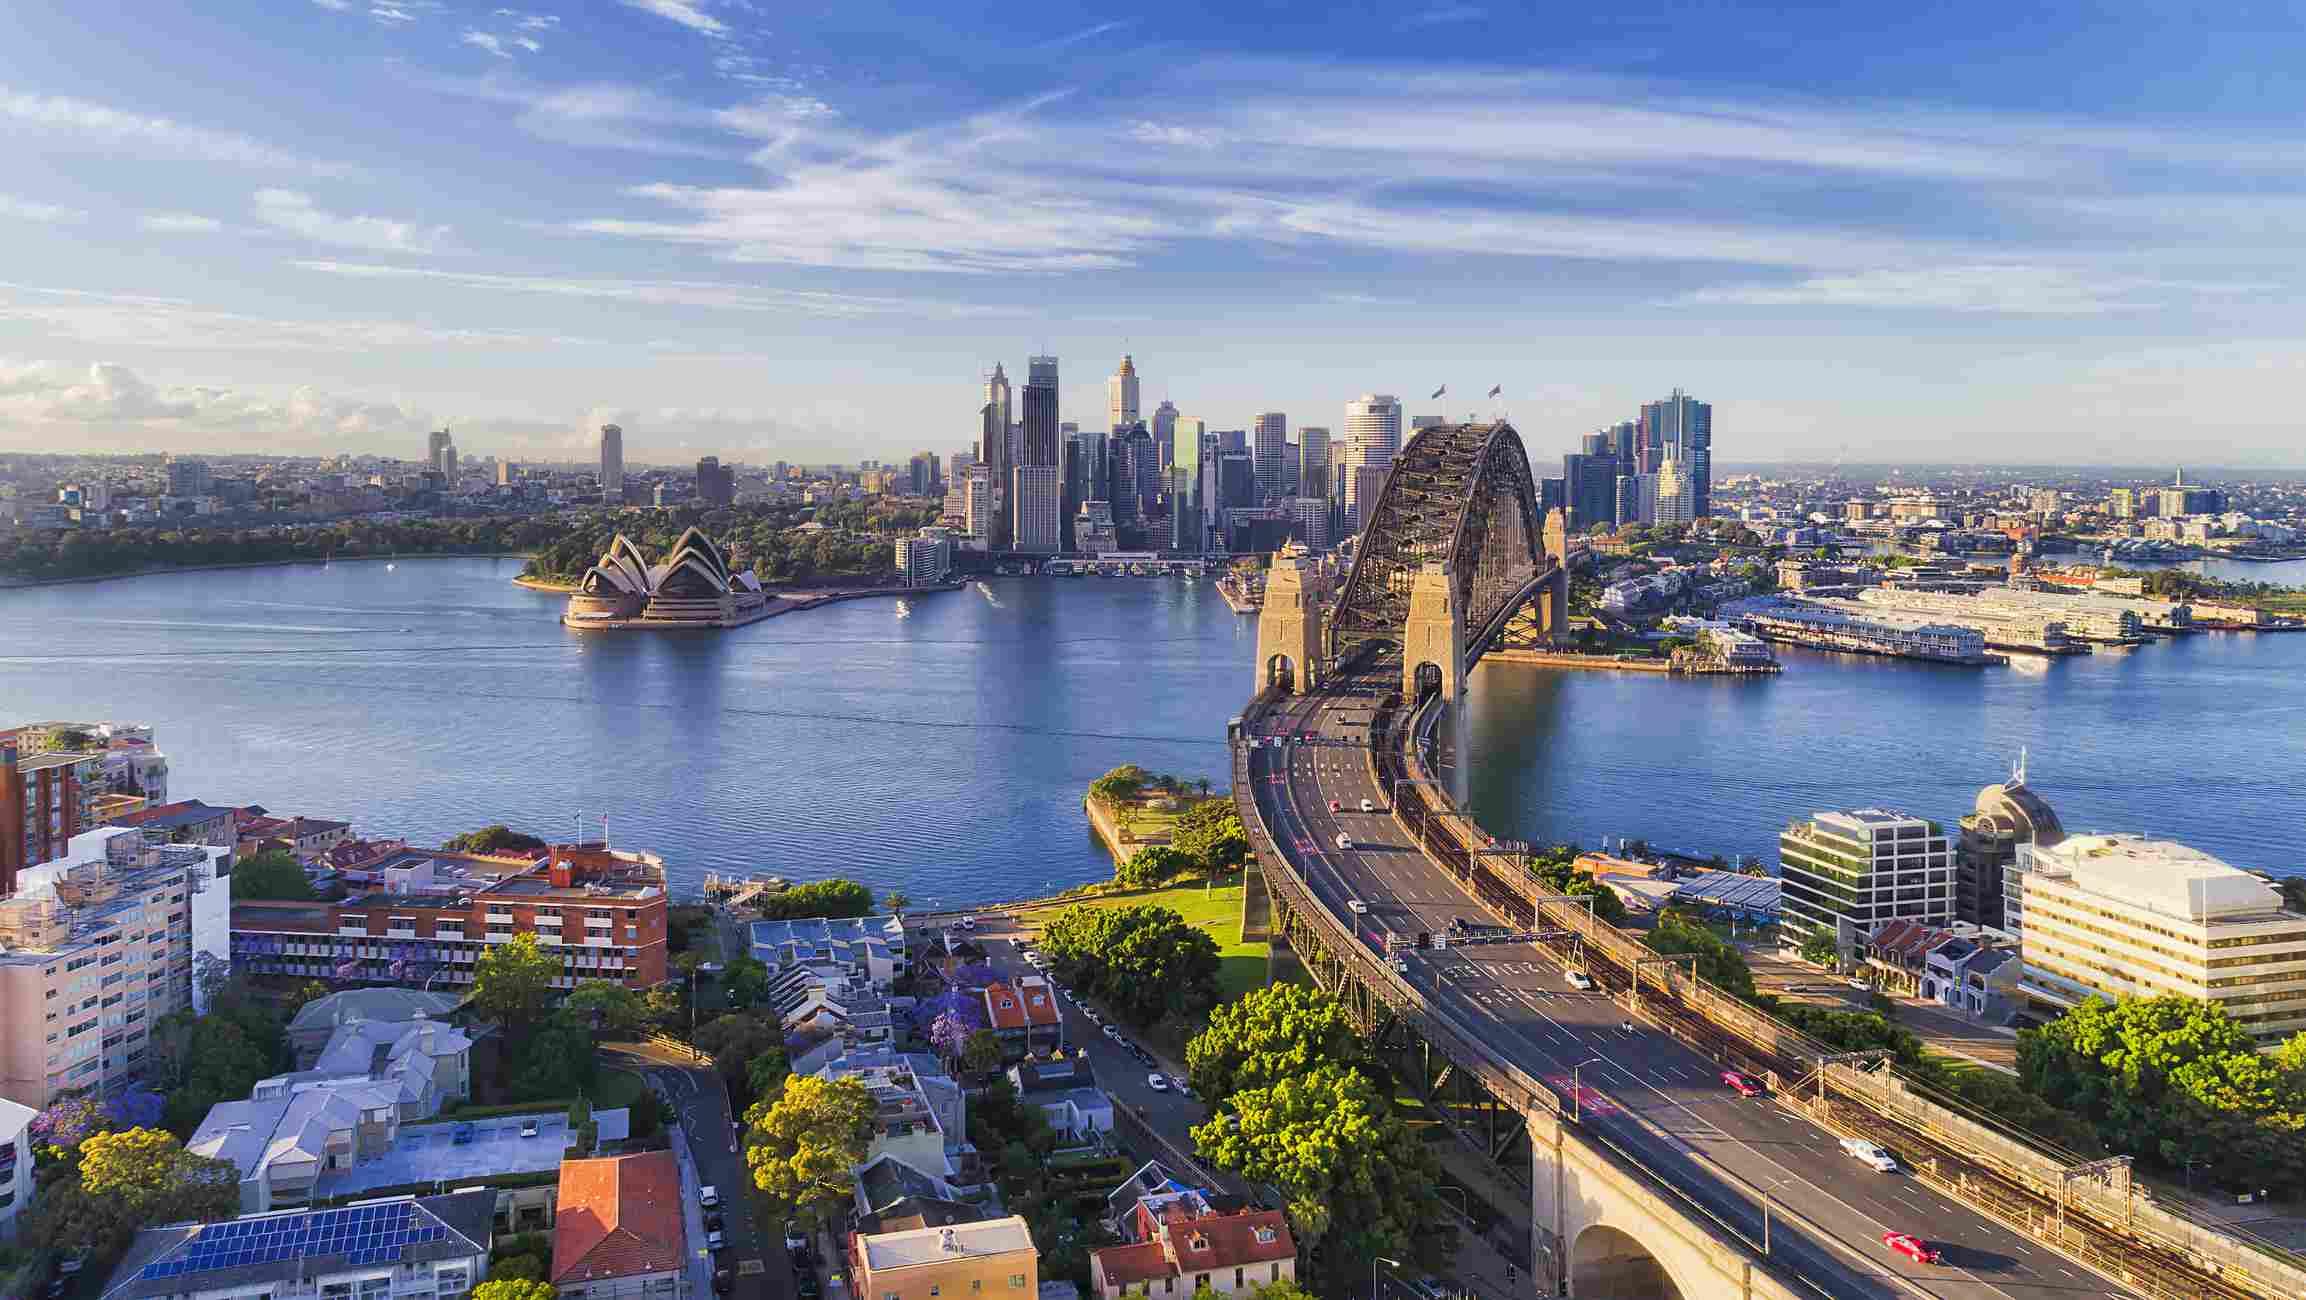 Sydney Harbour bridge across Sydney harbour towards city